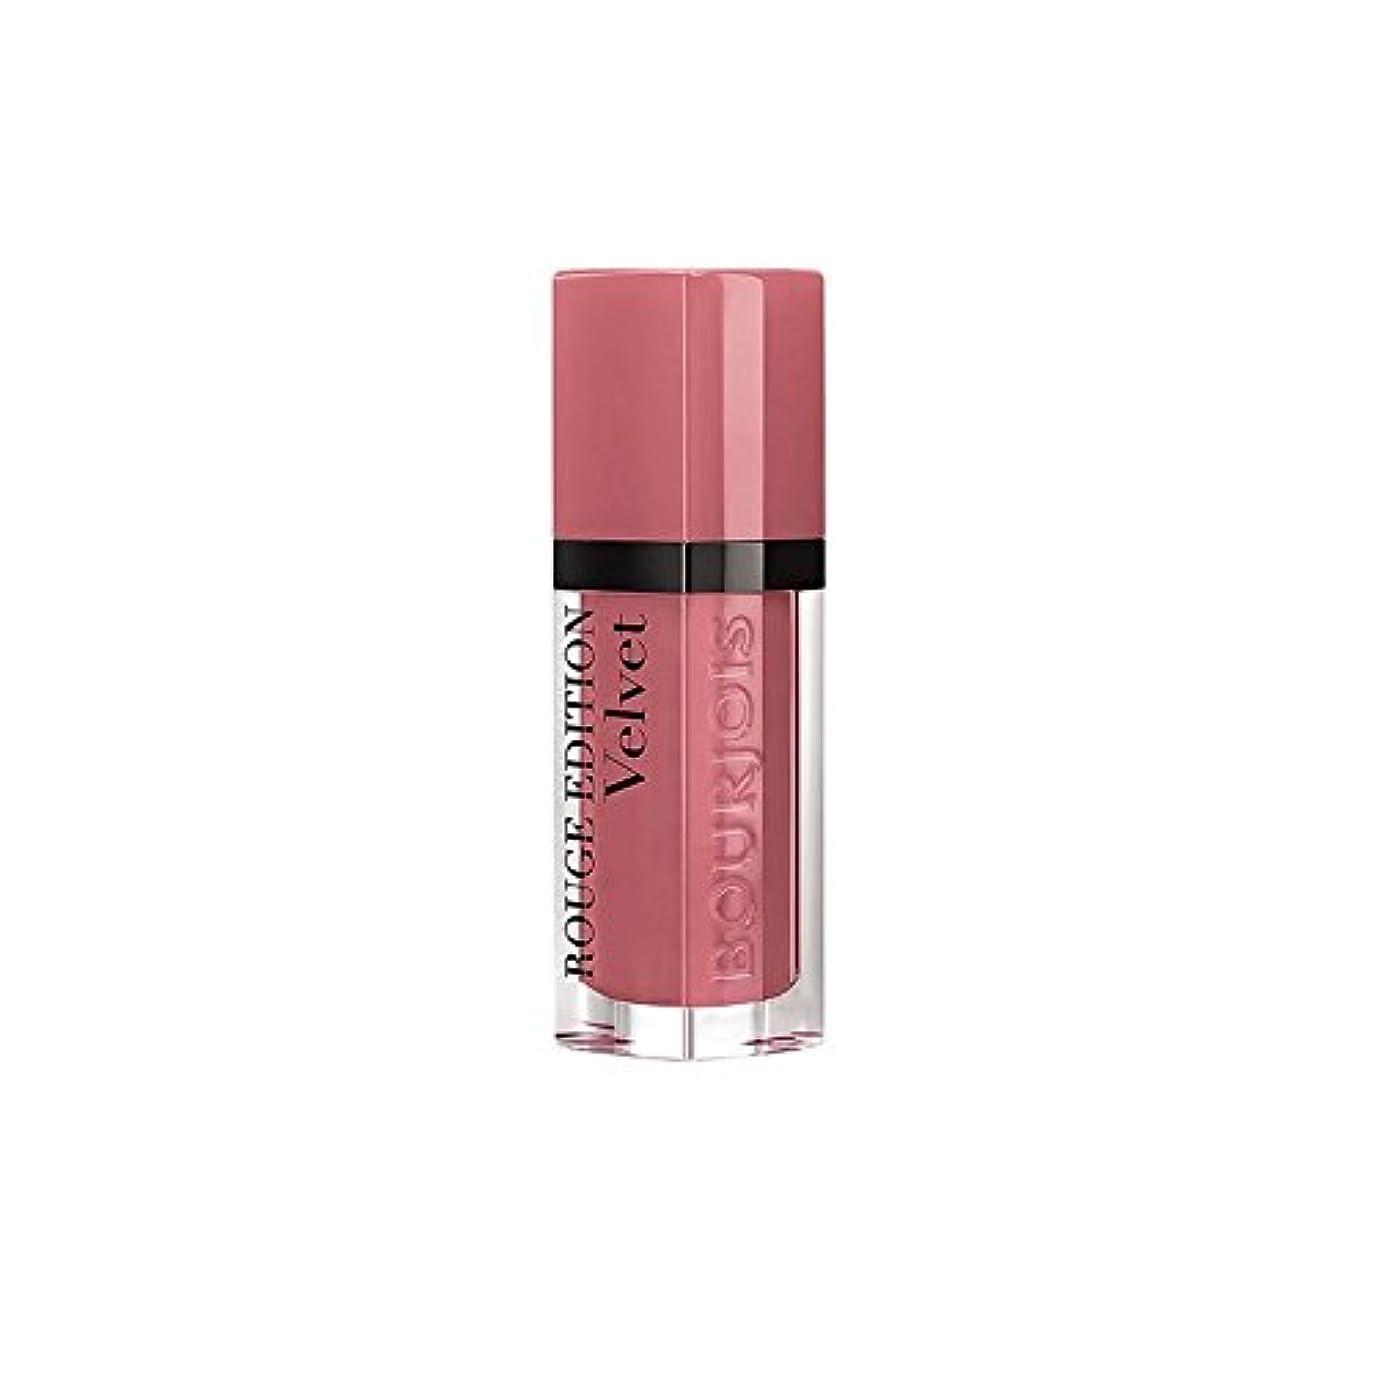 モールス信号眩惑するプラスチックブルジョワルージュ版のベルベットの口紅幸せなヌード年09 x2 - Bourjois Rouge Edition Velvet lipstick Happy Nude Year 09 (Pack of 2) [並行輸入品]